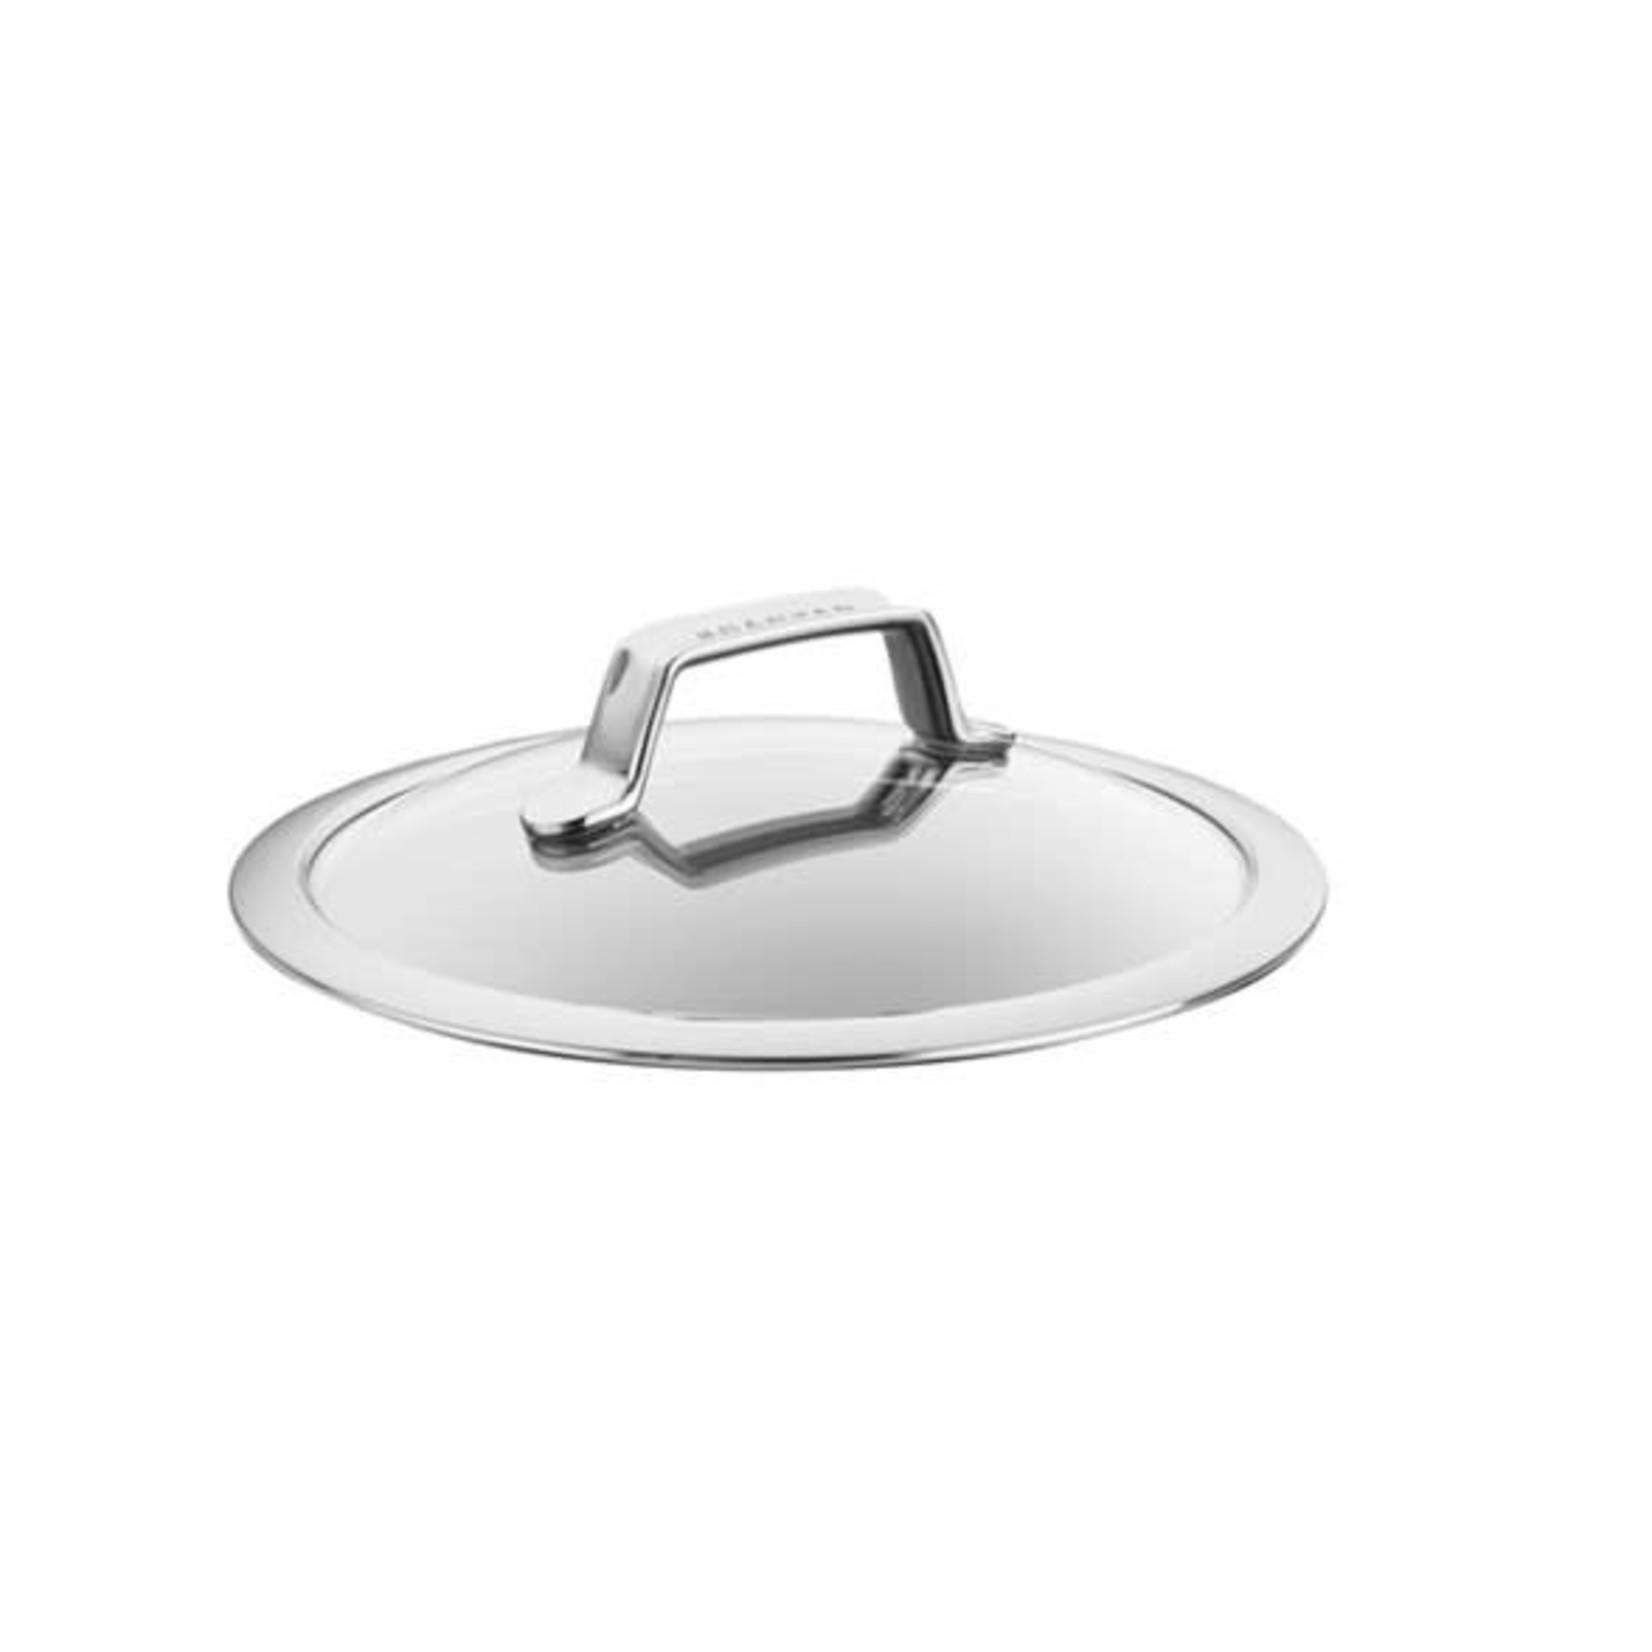 Scanpan TechnIQ deksel glas 22cm